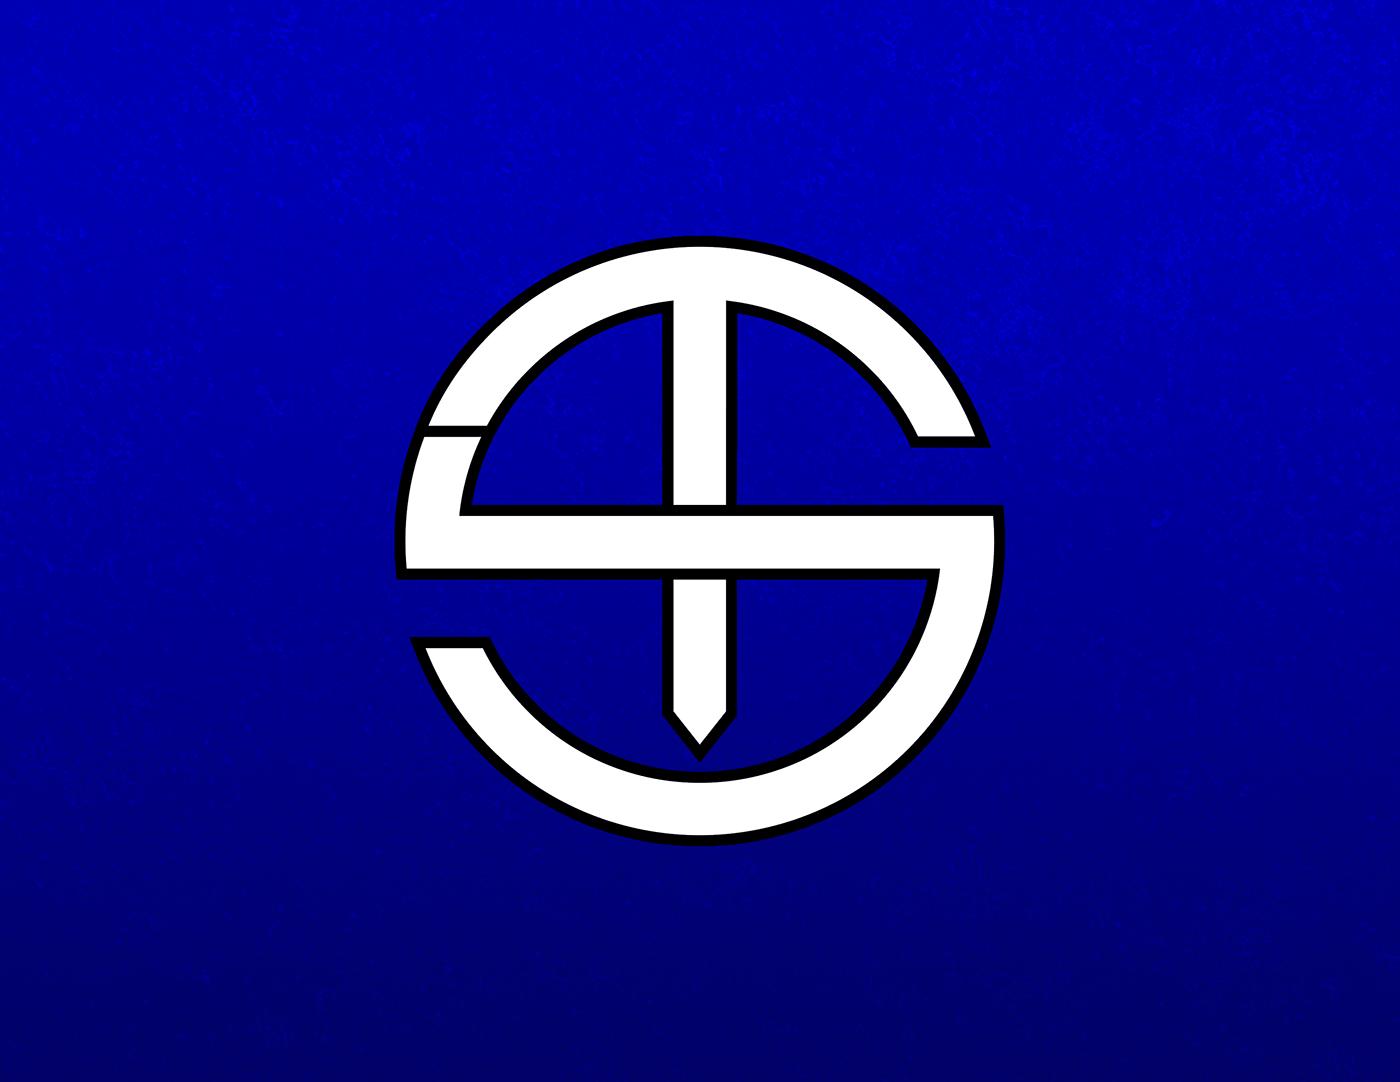 Image may contain: logo, screenshot and symbol